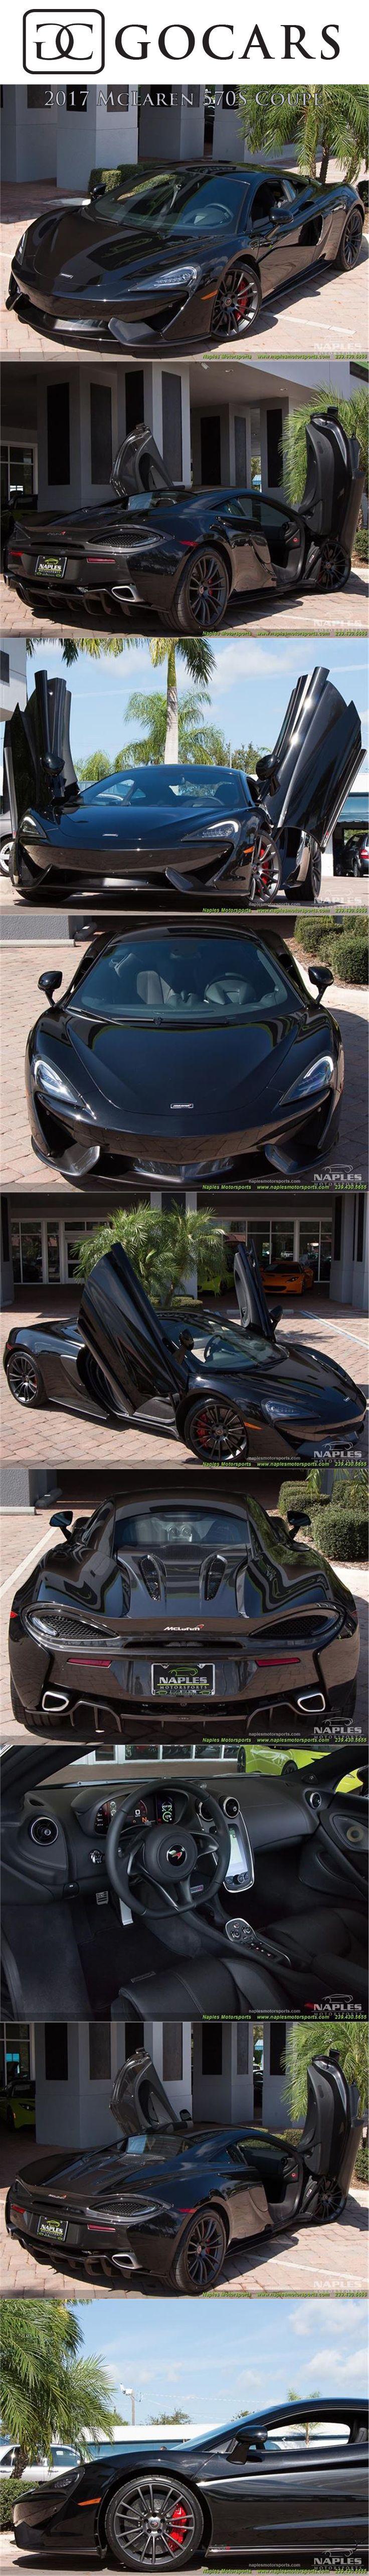 Mclaren 570s Onyx Black Exterior, Carbon Black Interior